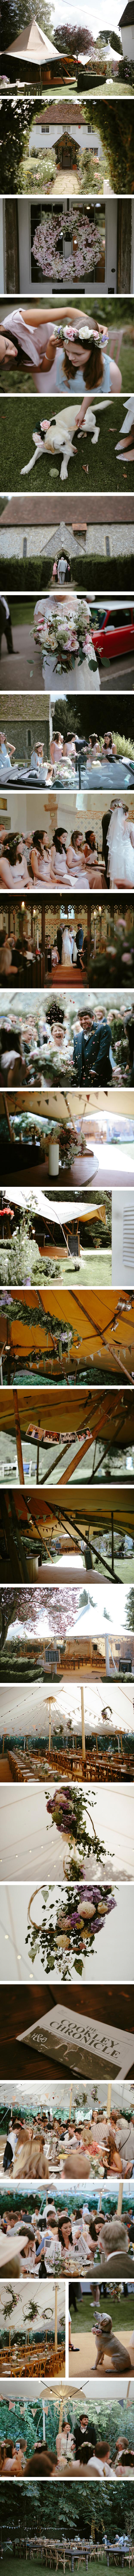 Hannah & Oli's PapaKata Teepee & Sperry Tent Wedding